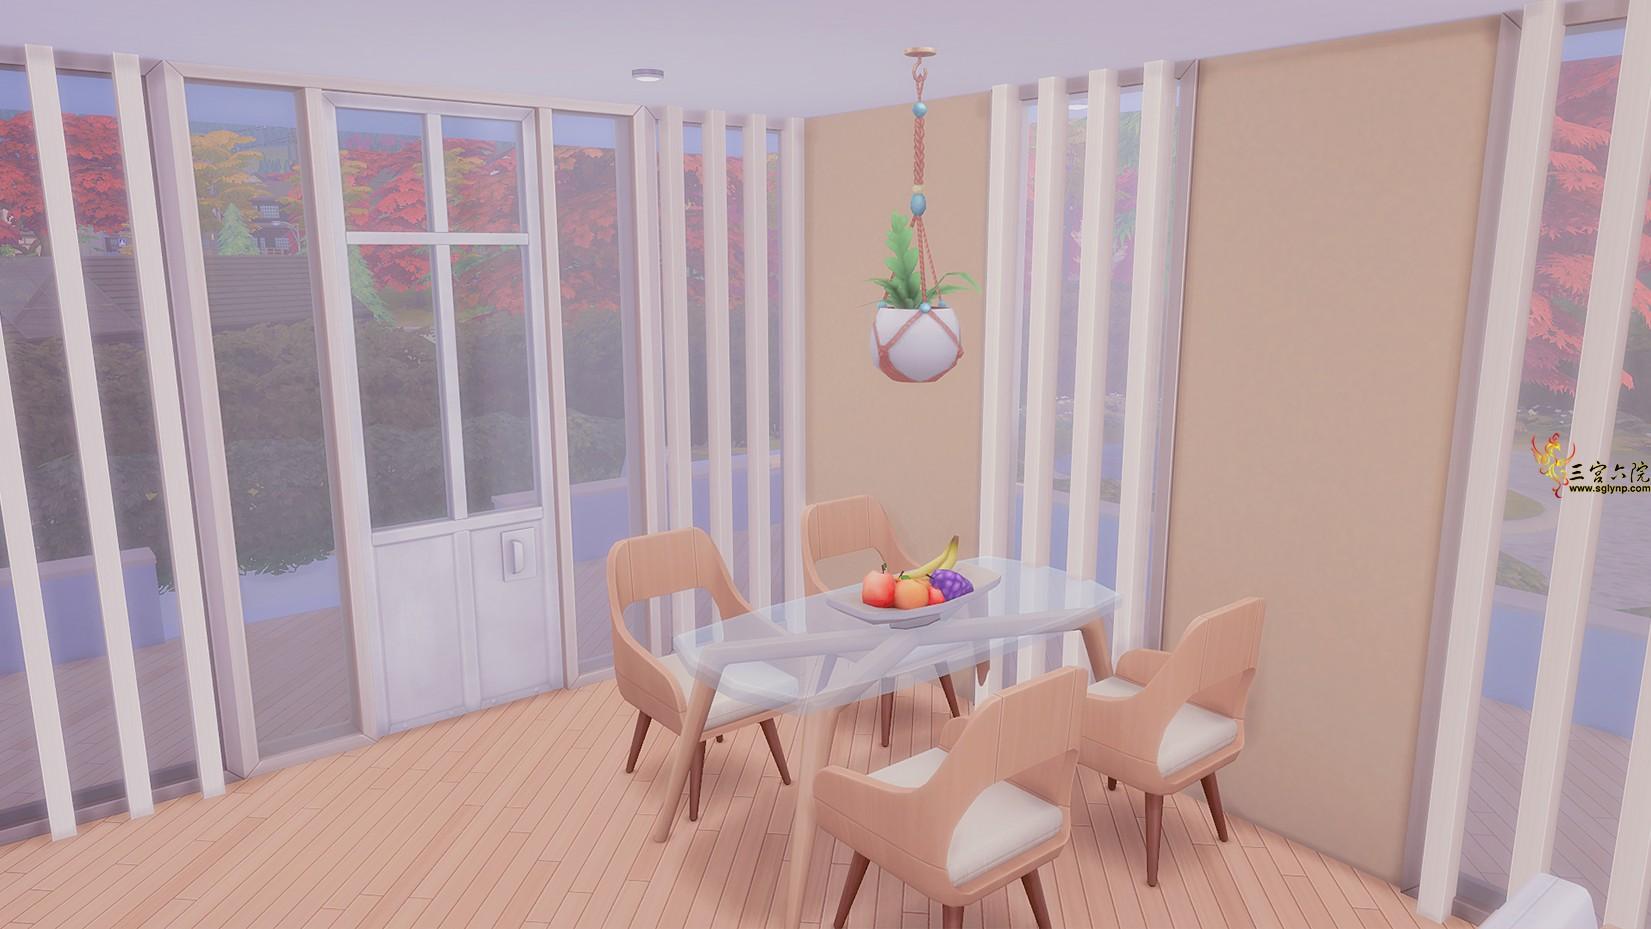 Sims 4 Screenshot 2021.02.14 - 14.08.18.99.png